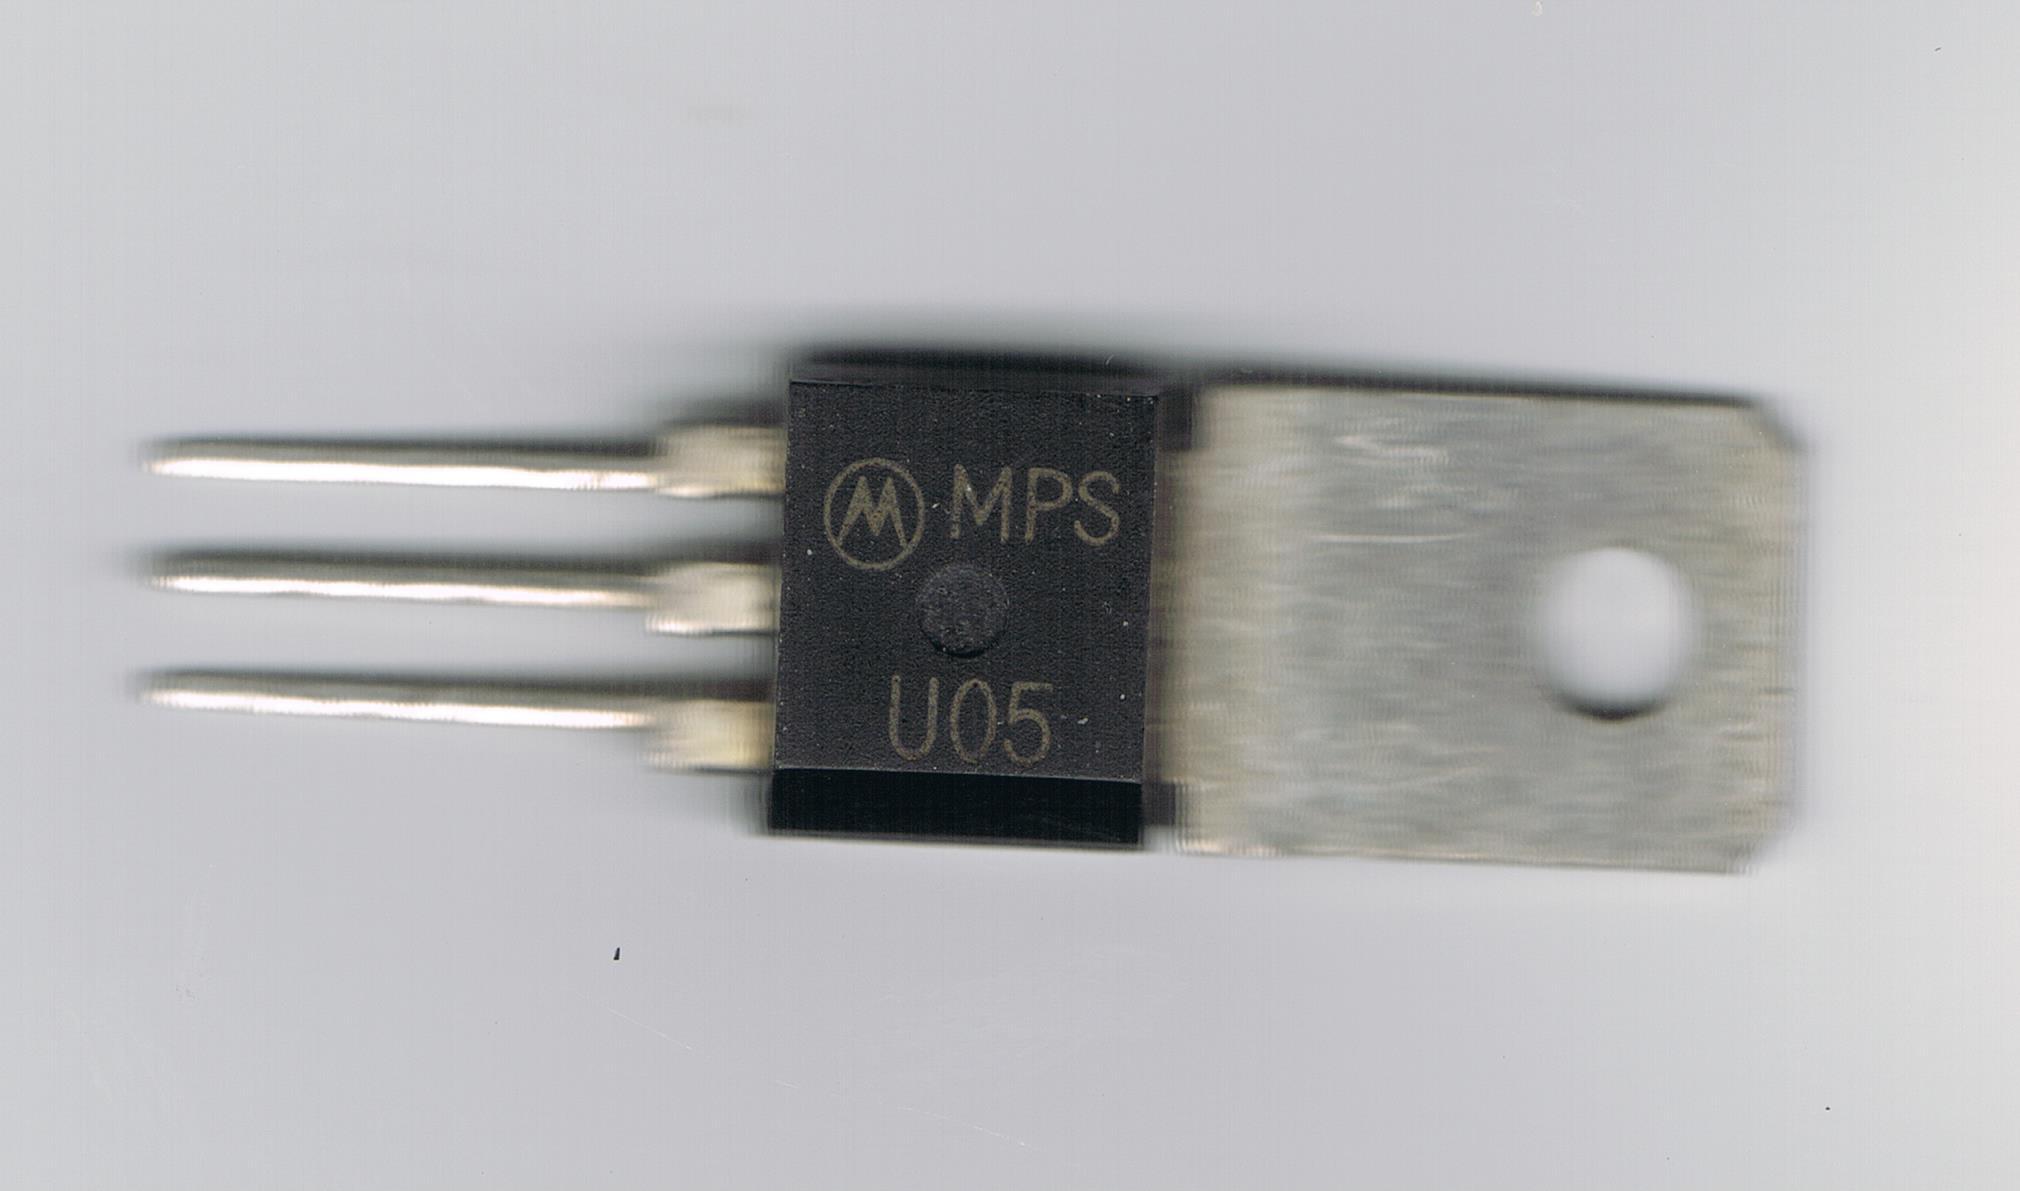 MPSU05 (114K)